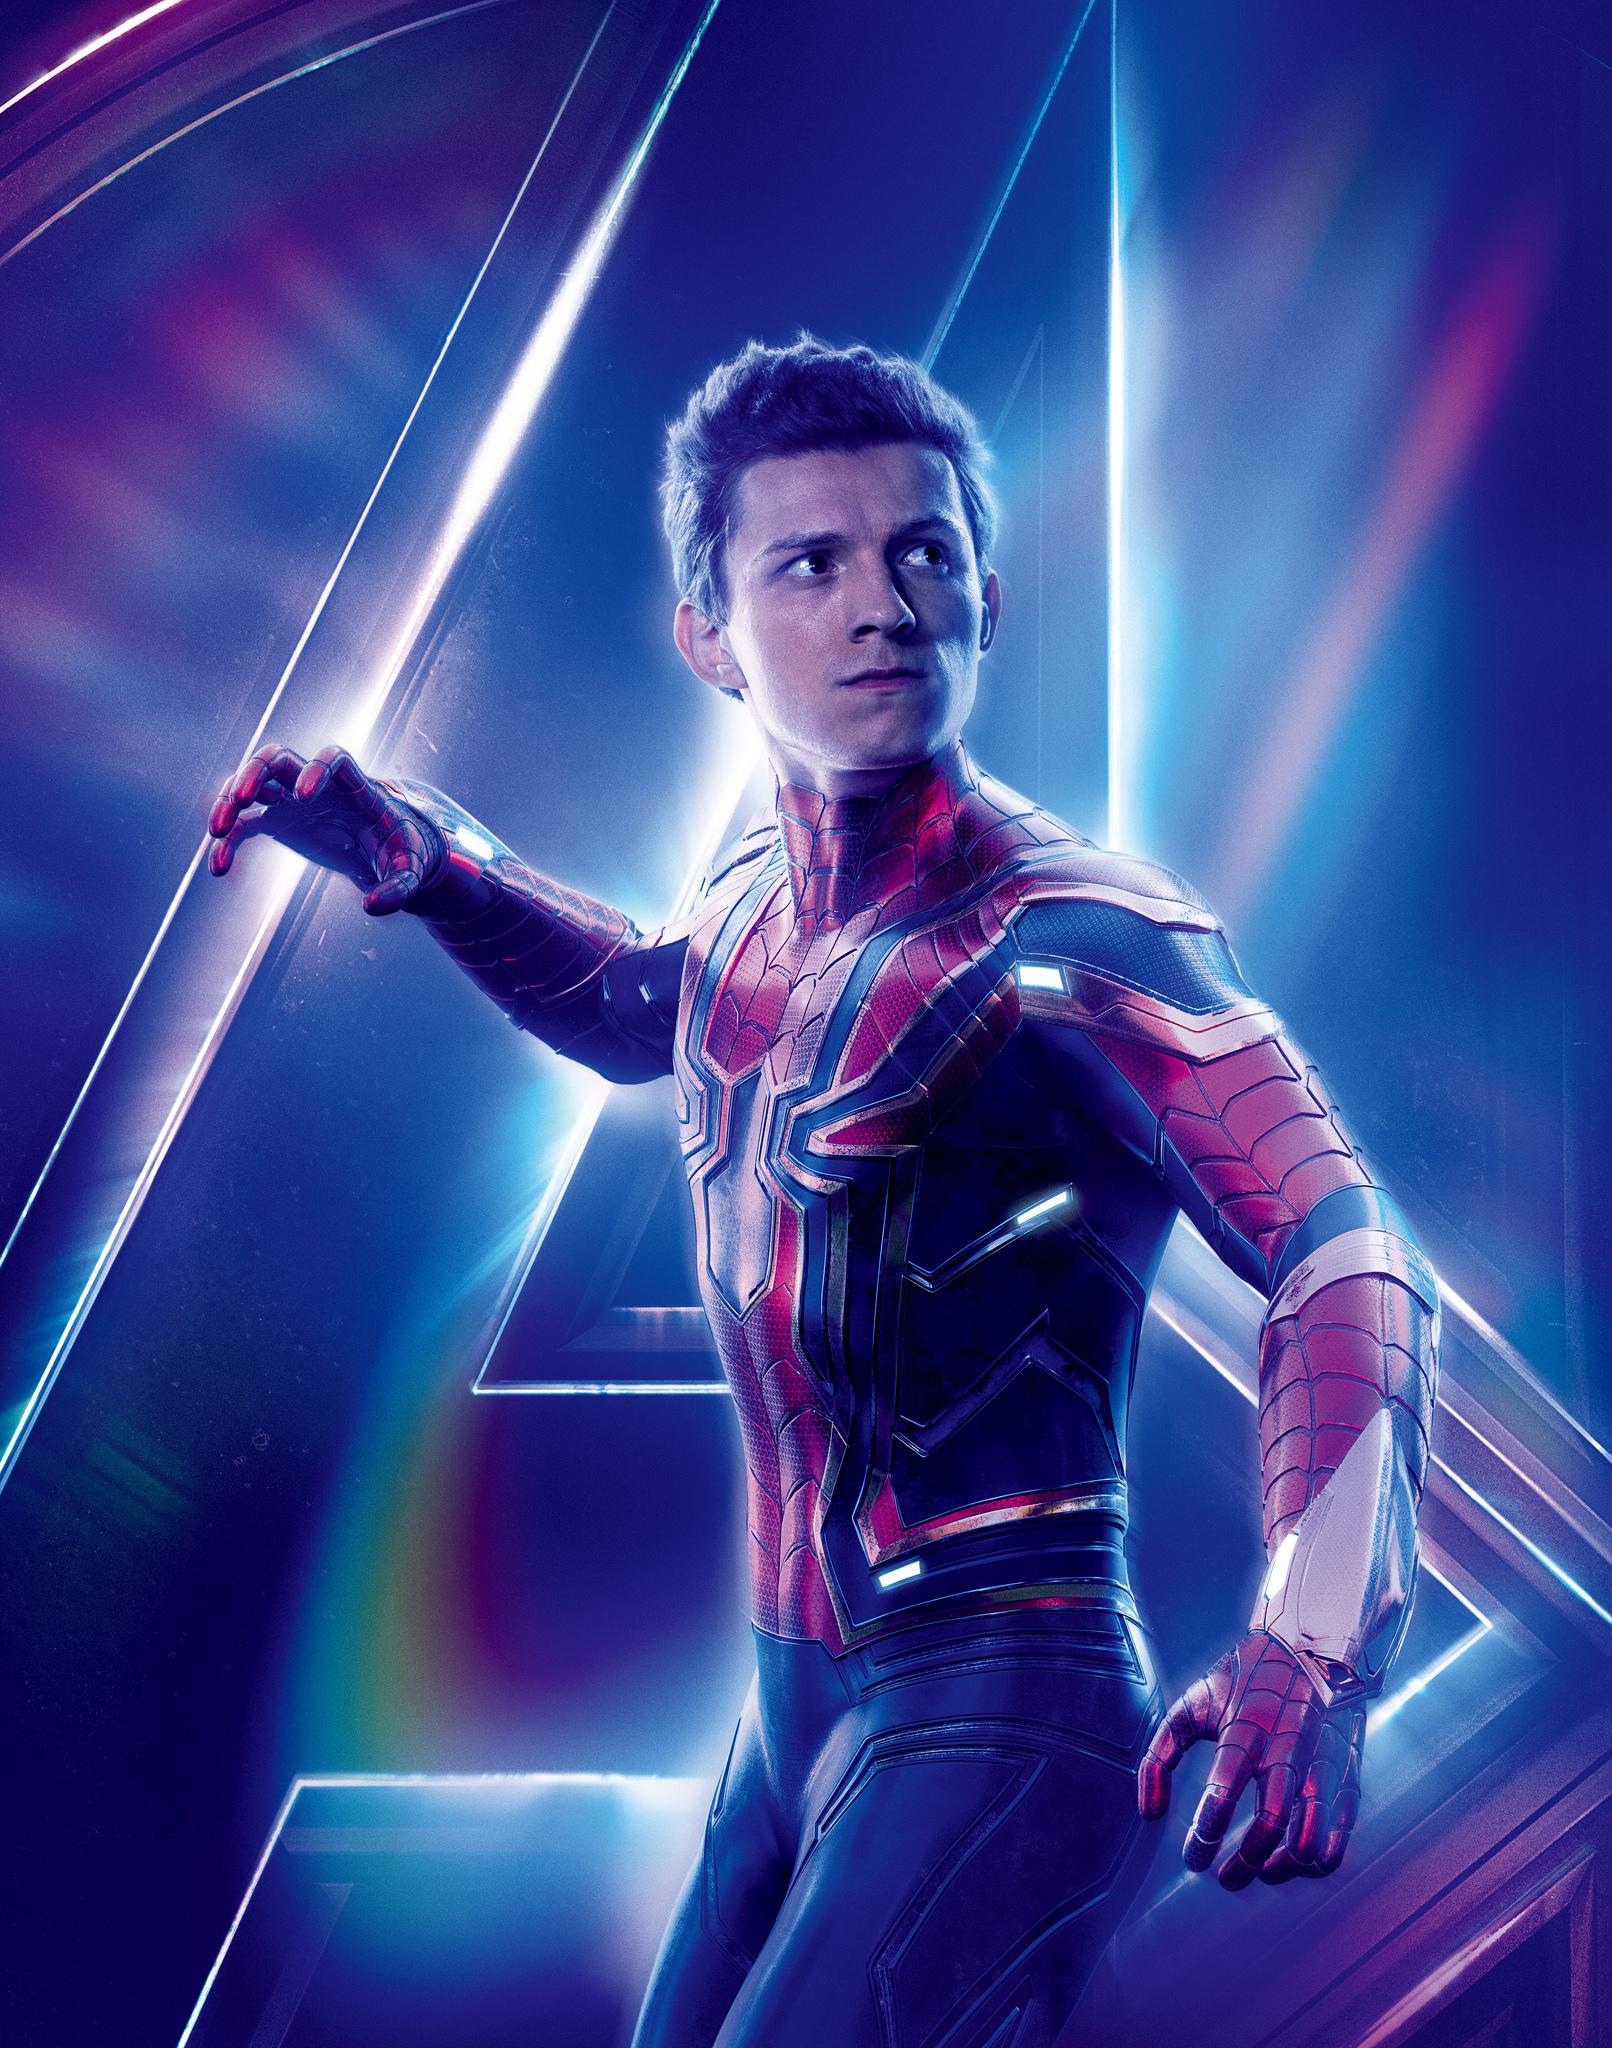 Risultati immagini per spiderman tom holland